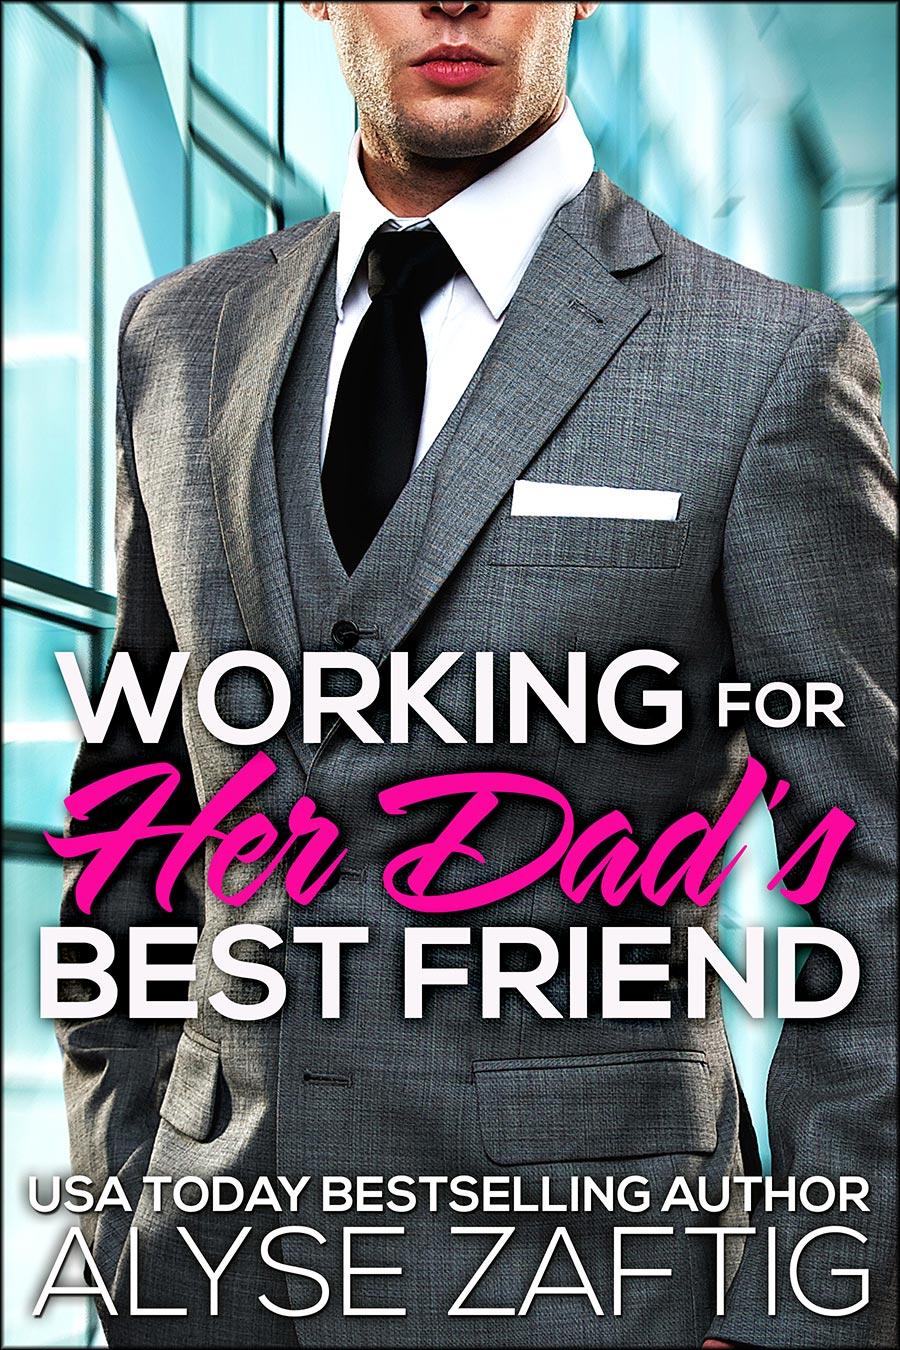 Working-for-her-dad-best-friend---alyse-zaftig.jpg